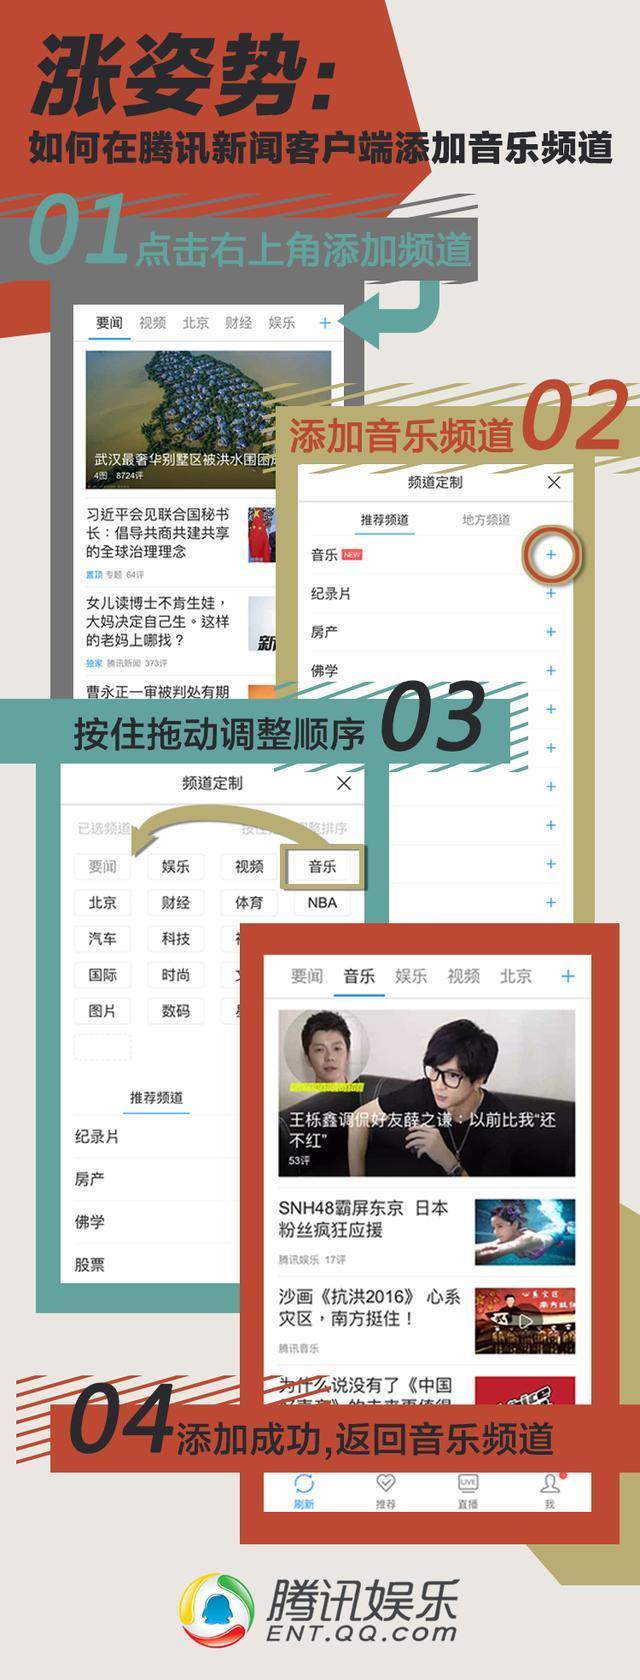 """""""小野马""""金泫雅9月将空降上海举办粉丝见面会"""